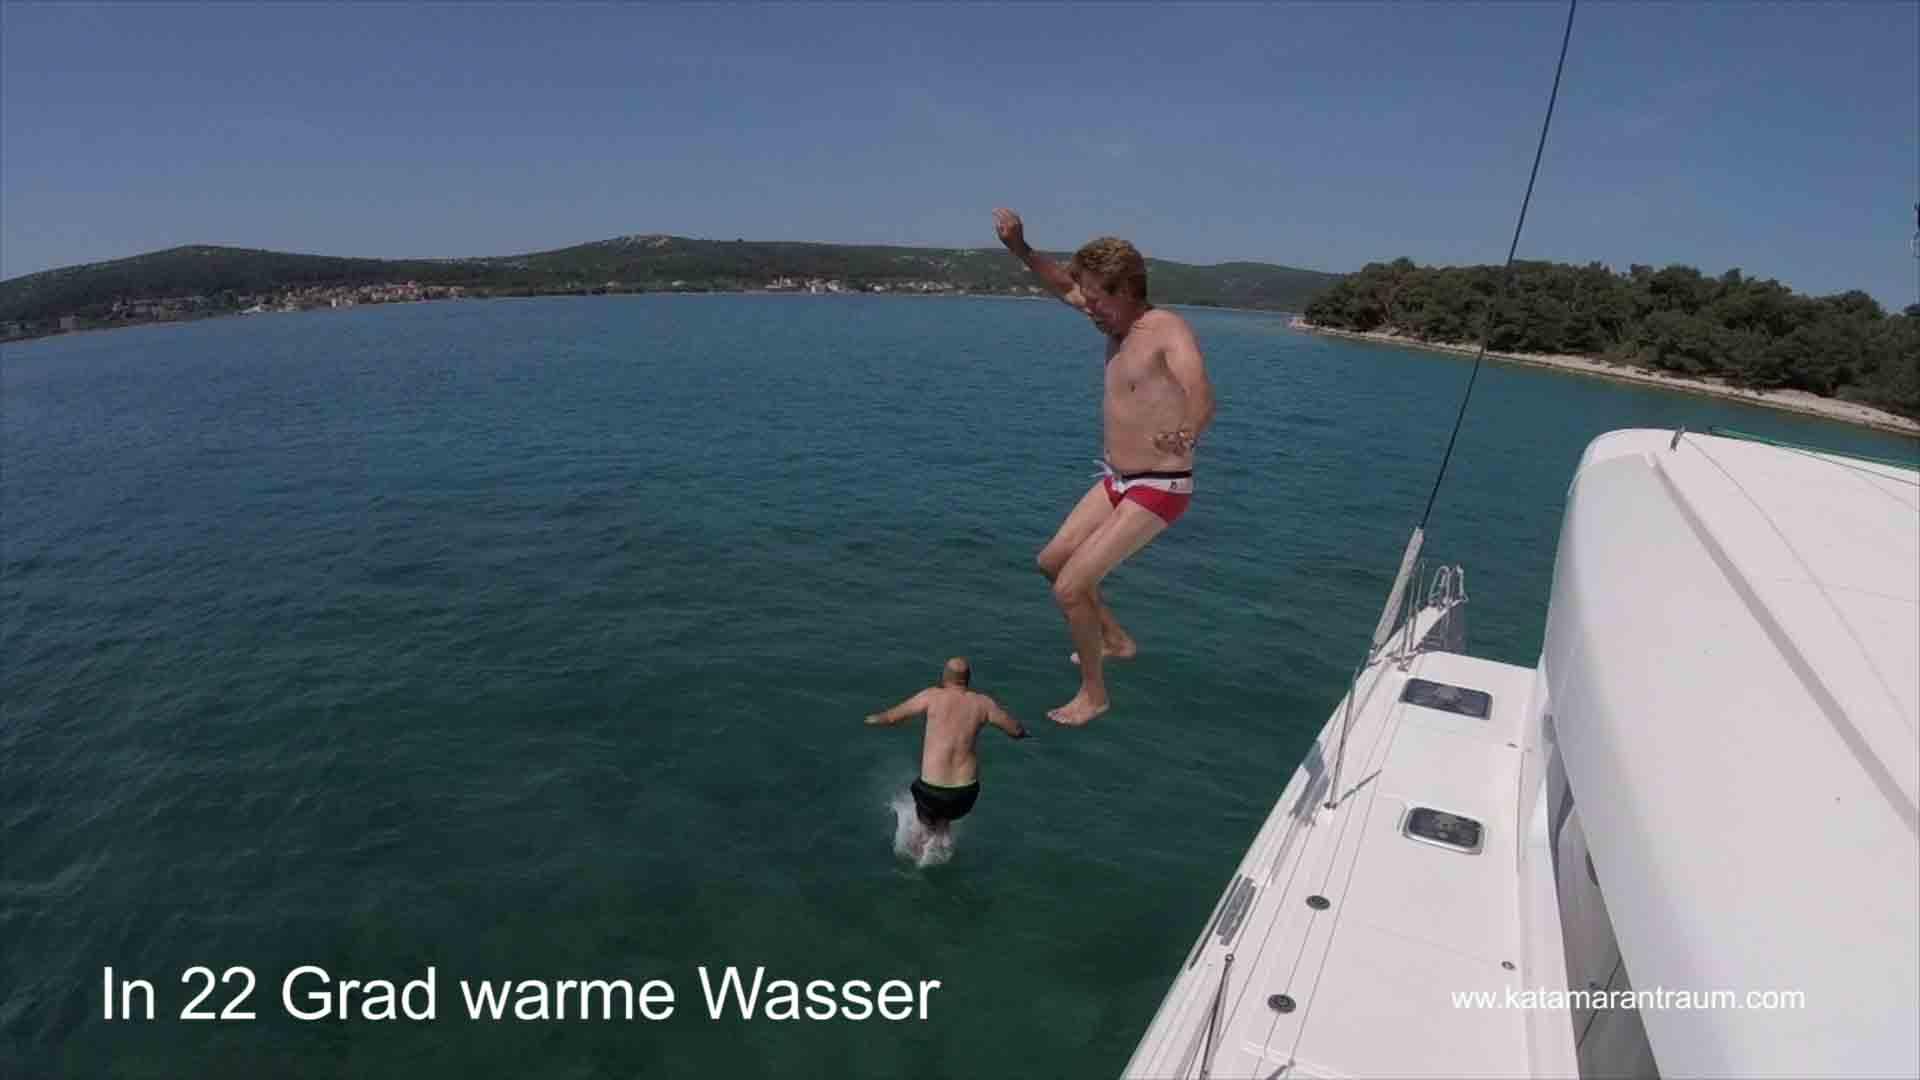 Skipper Jos und Katamarantraing Gast Attila gehen zu Wasser